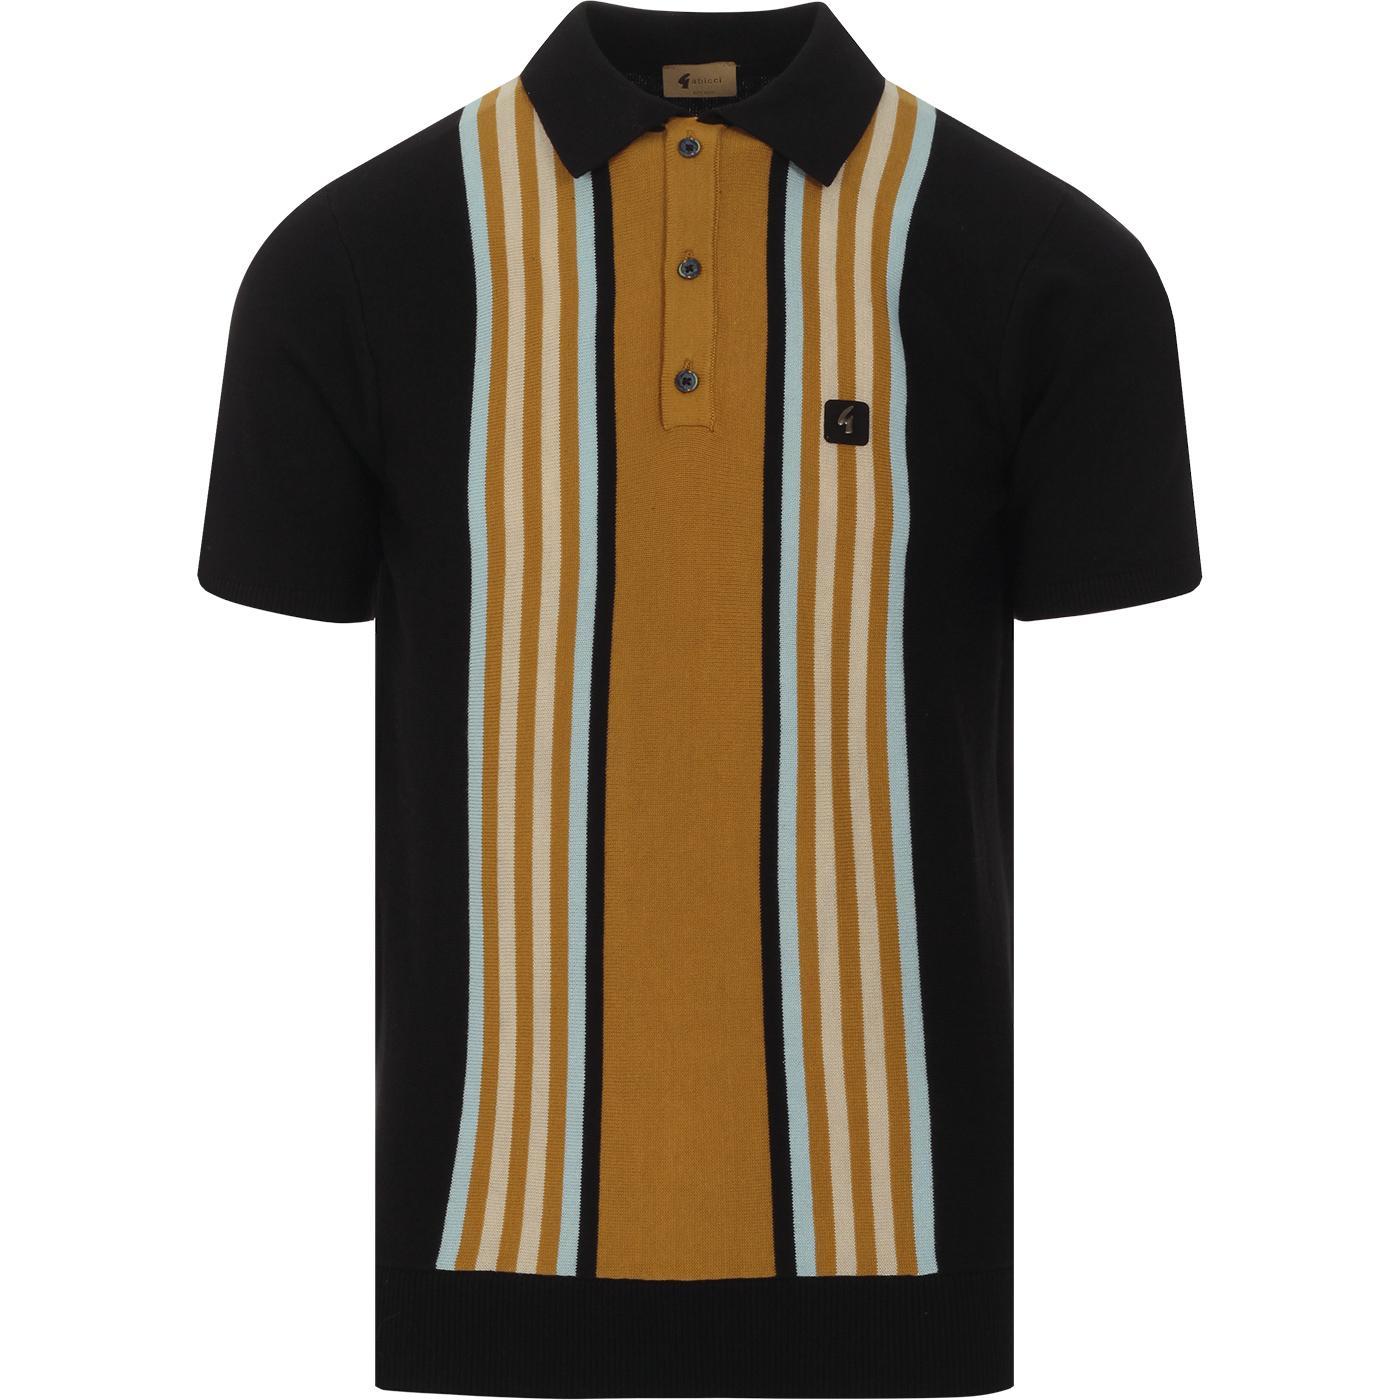 Casbah GABICCI VINTAGE Mod Stripe Knit Polo BLACK